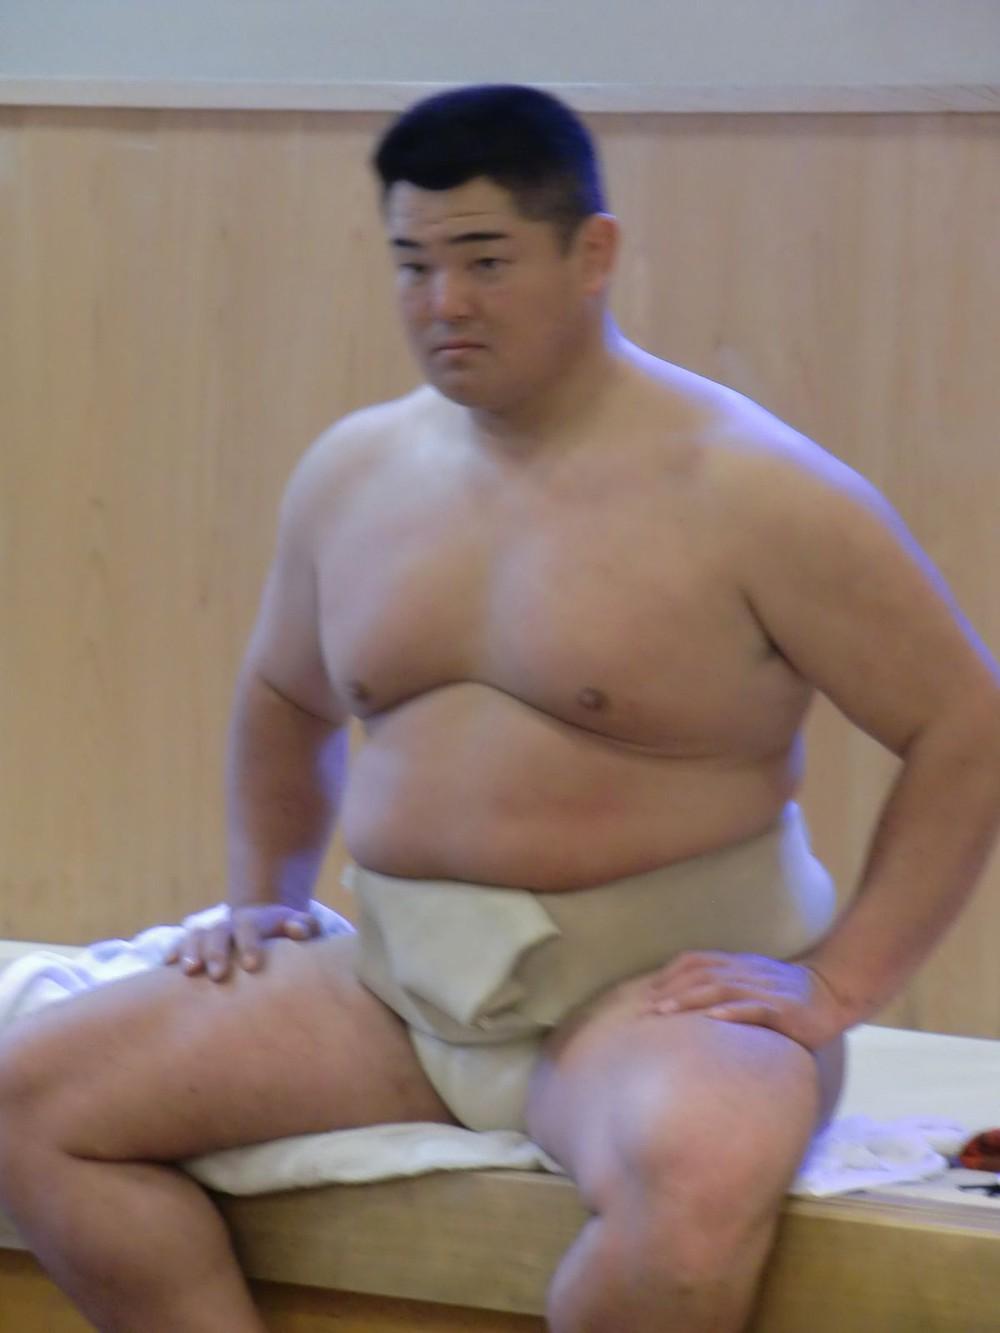 Liên tiếp phá lệnh giãn cách, võ sĩ Sumo nhận cái kết đắng song âm mưu đằng sau của người này mới là điều bất ngờ - Ảnh 1.